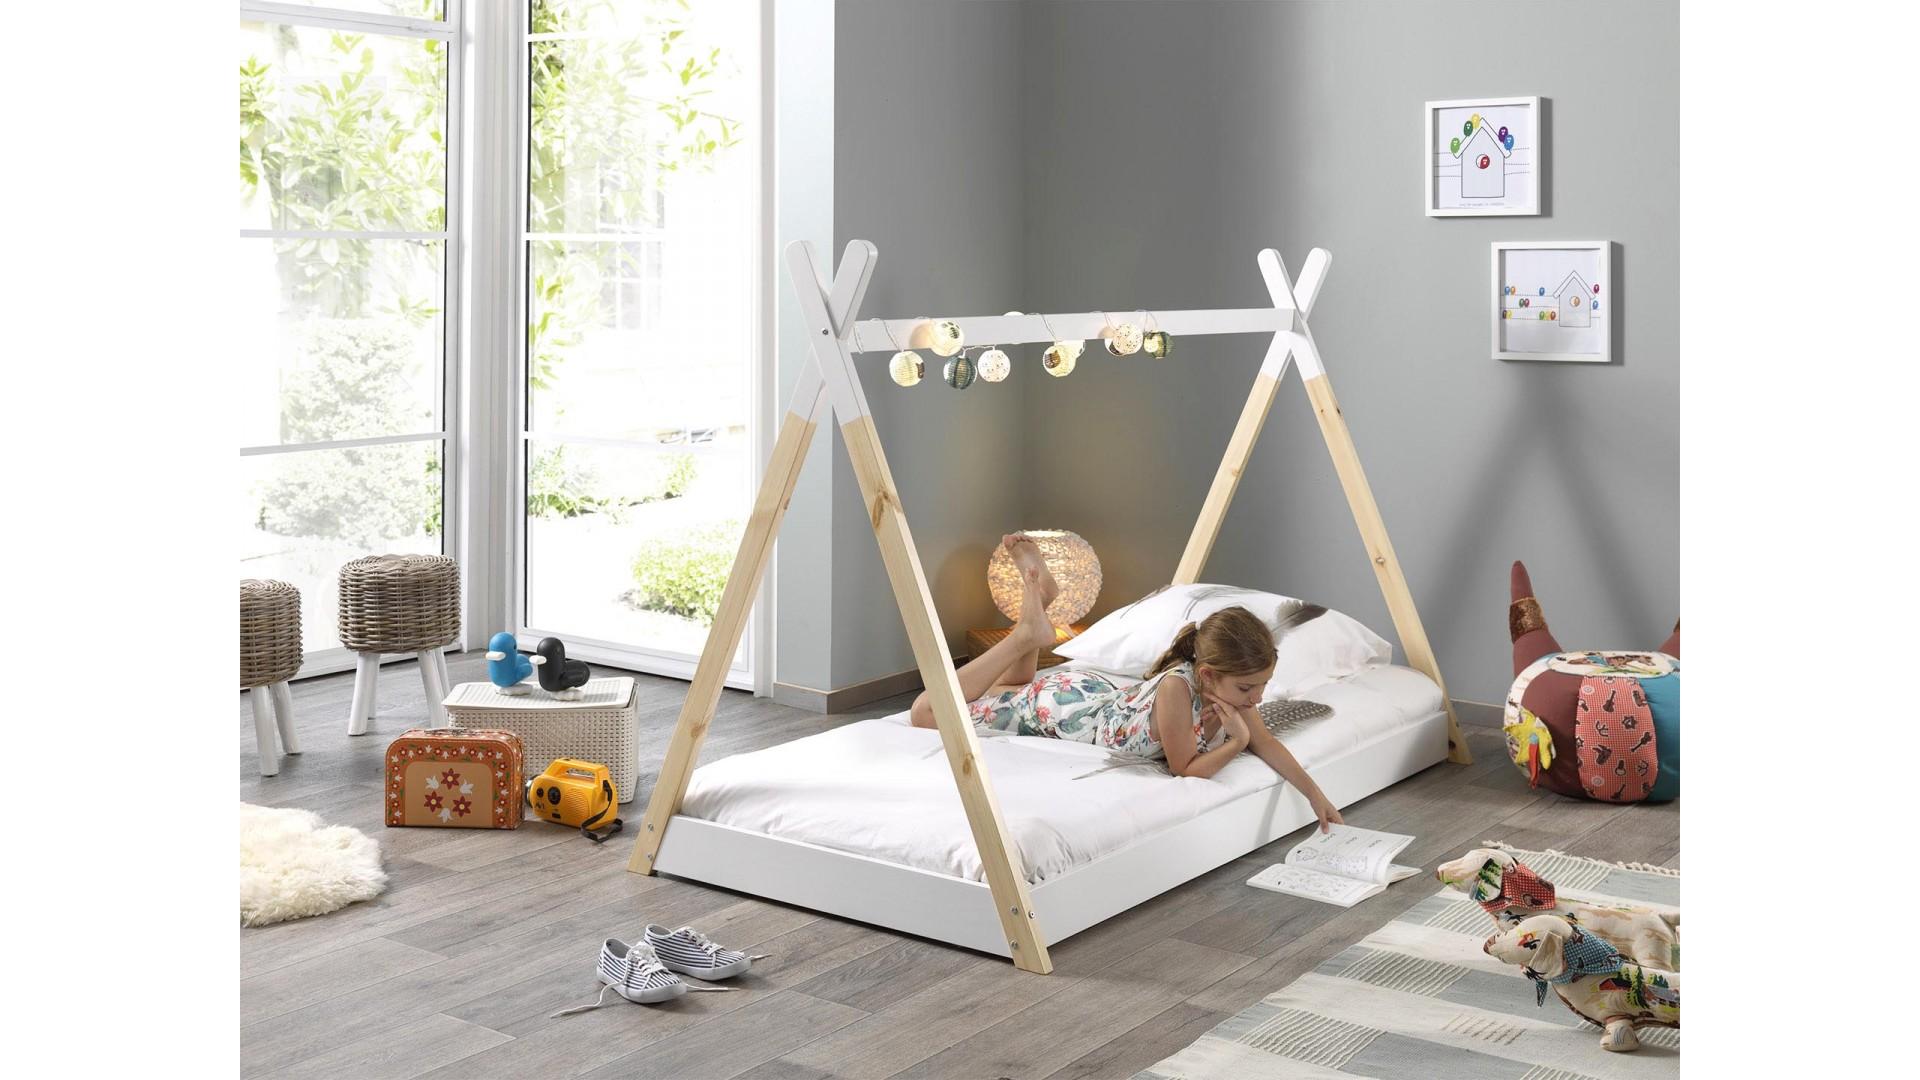 lit cabane enfant tipi 90x200 cm sonuit